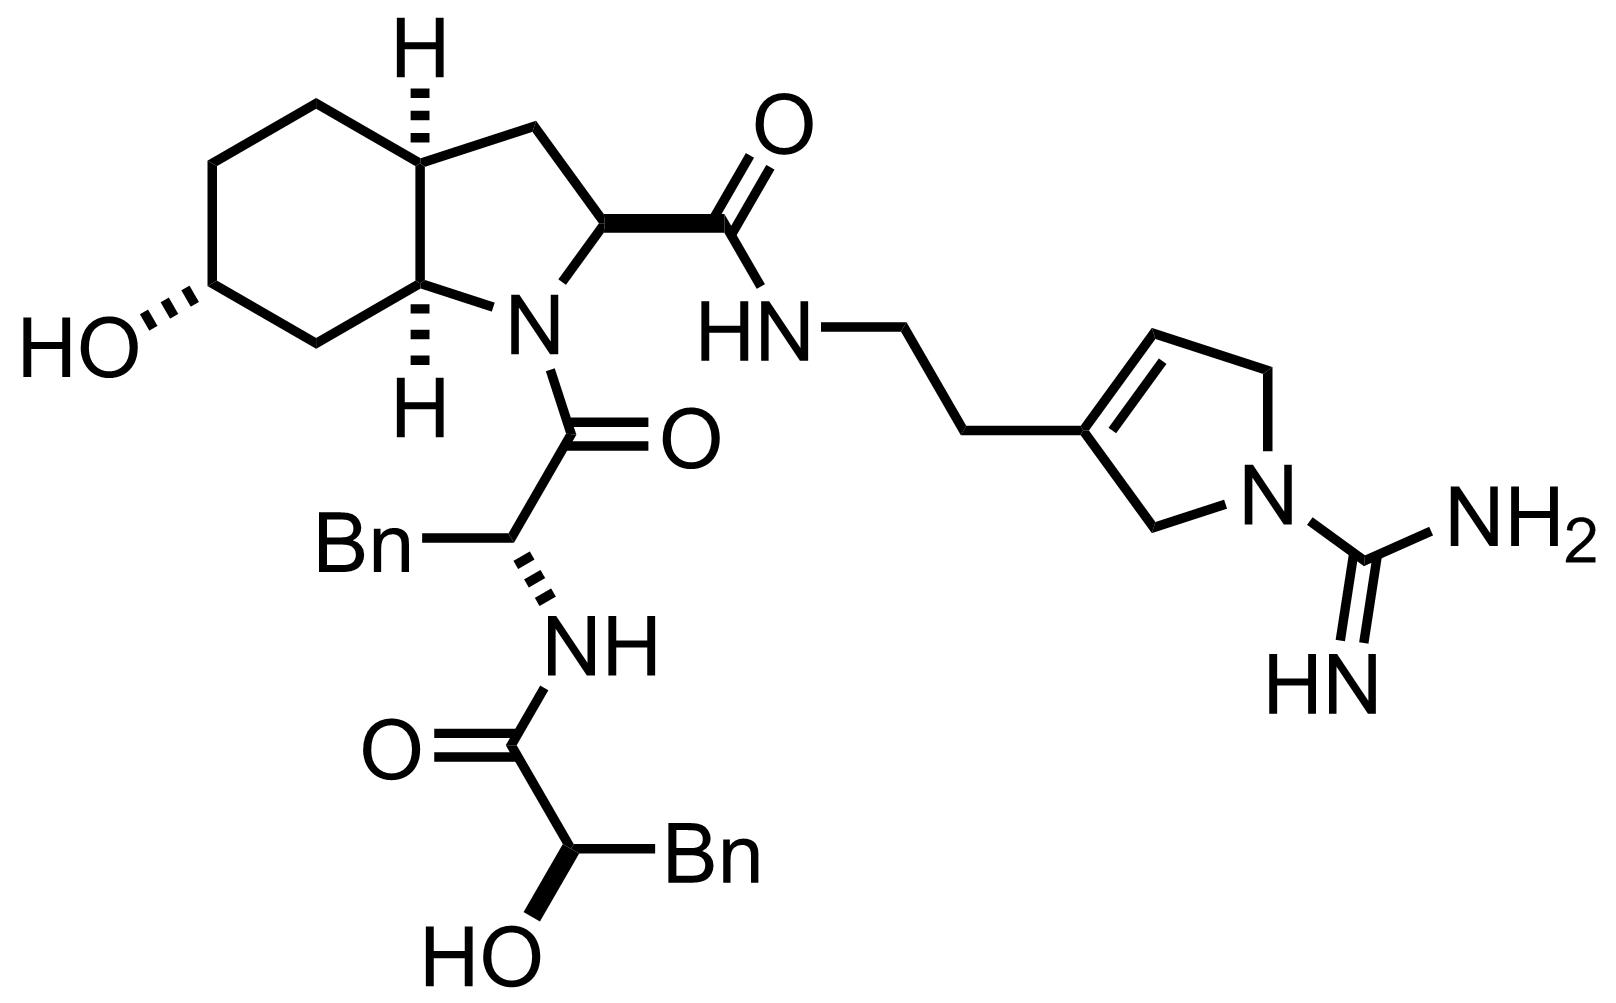 Structure of Oscillarin